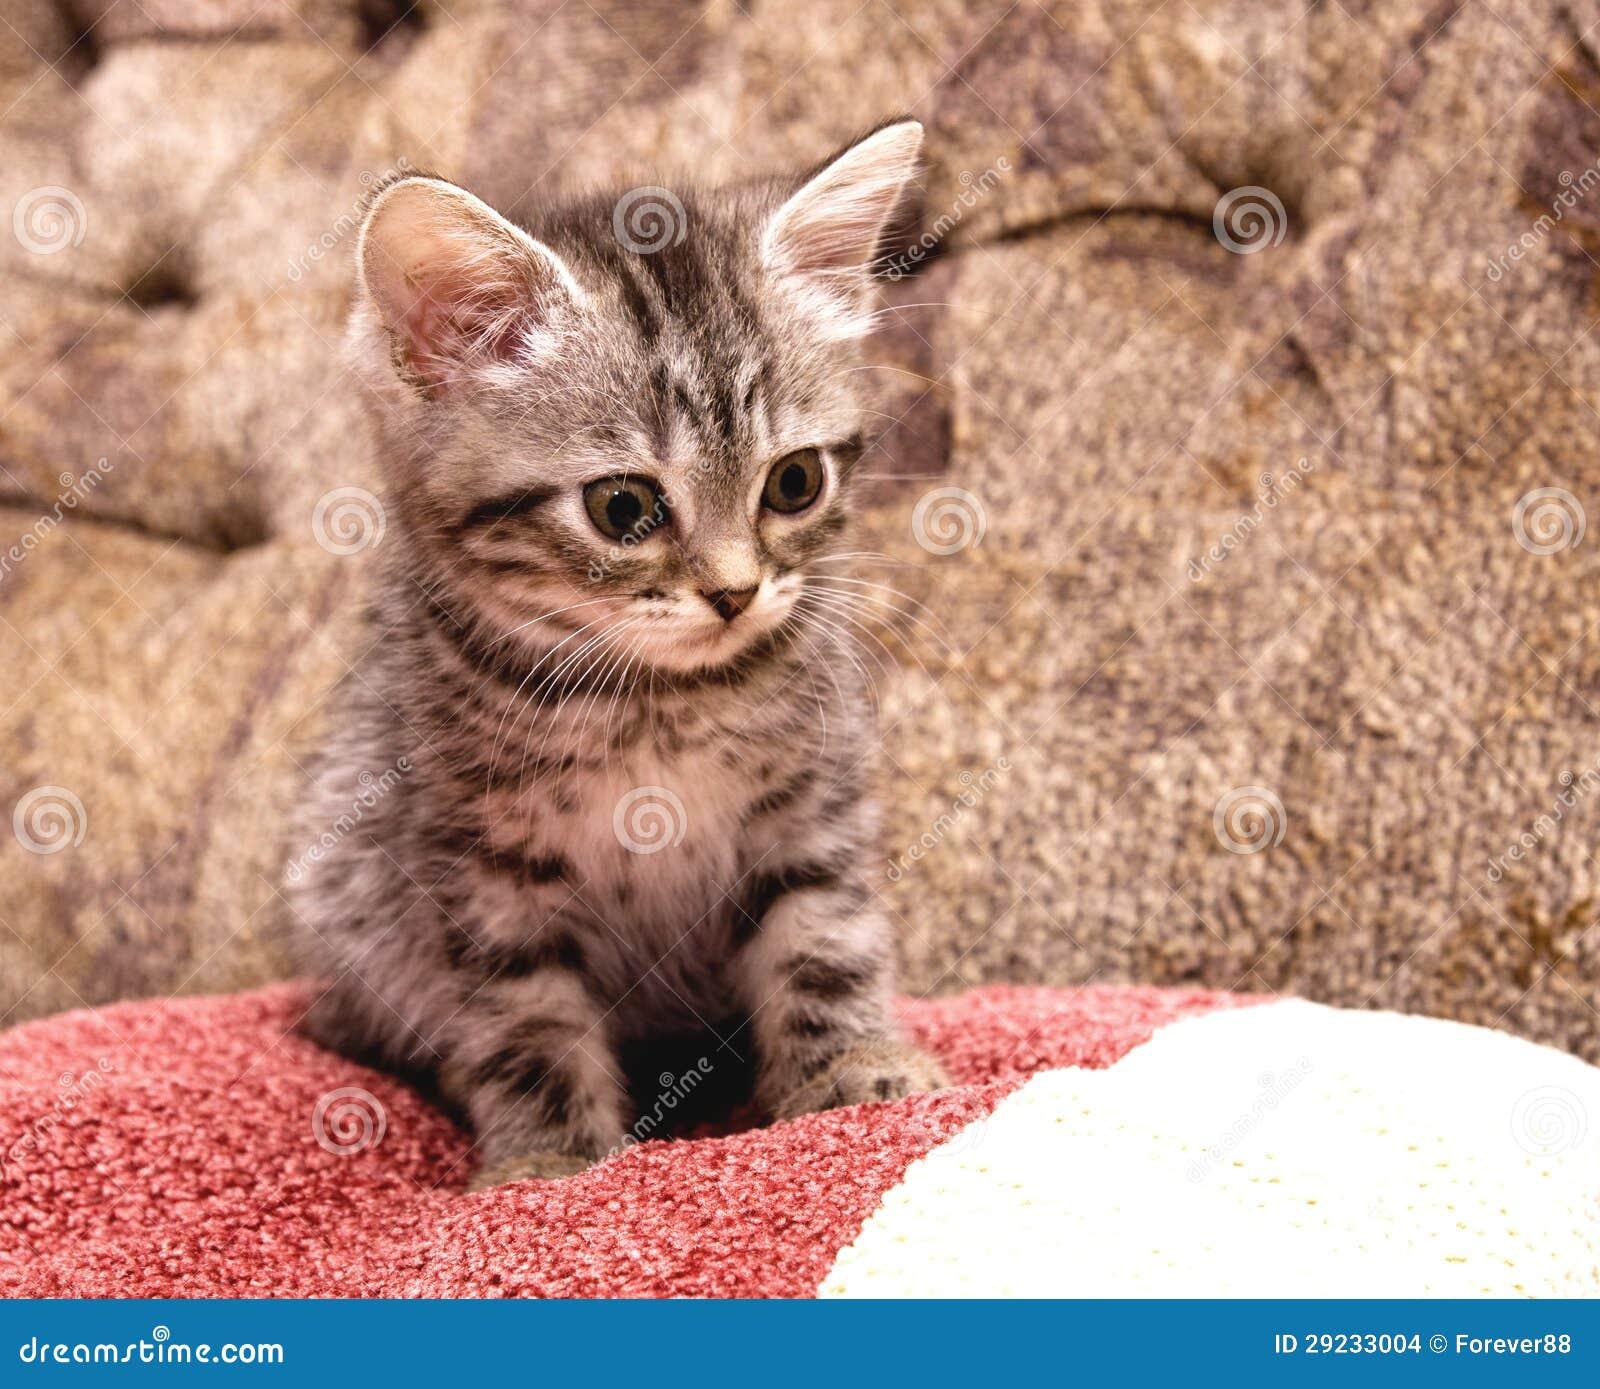 Download Gato novo escocês bonito foto de stock. Imagem de purebred - 29233004